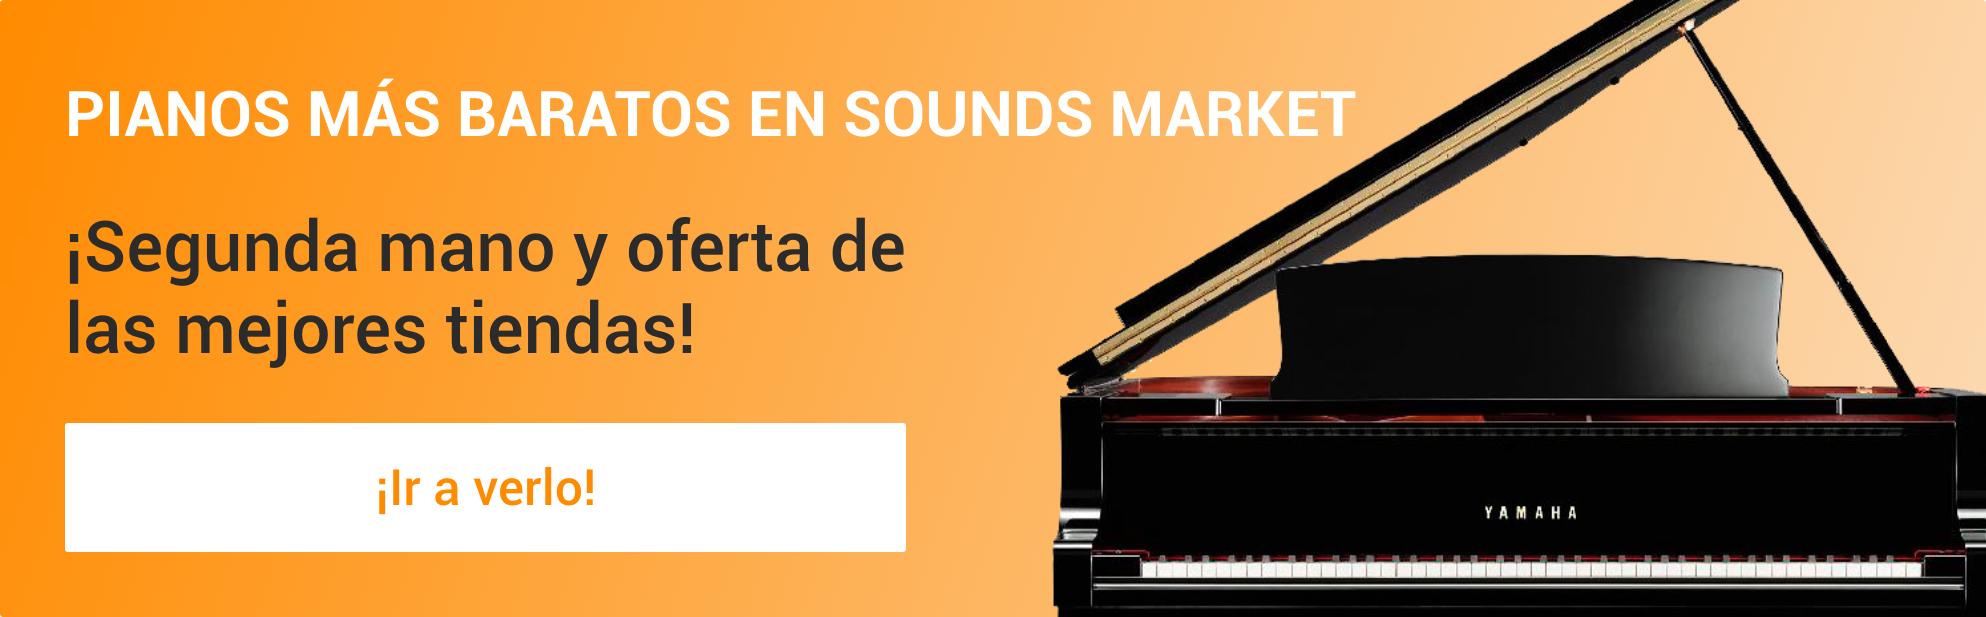 Pianos mas baratos en Sounds Market